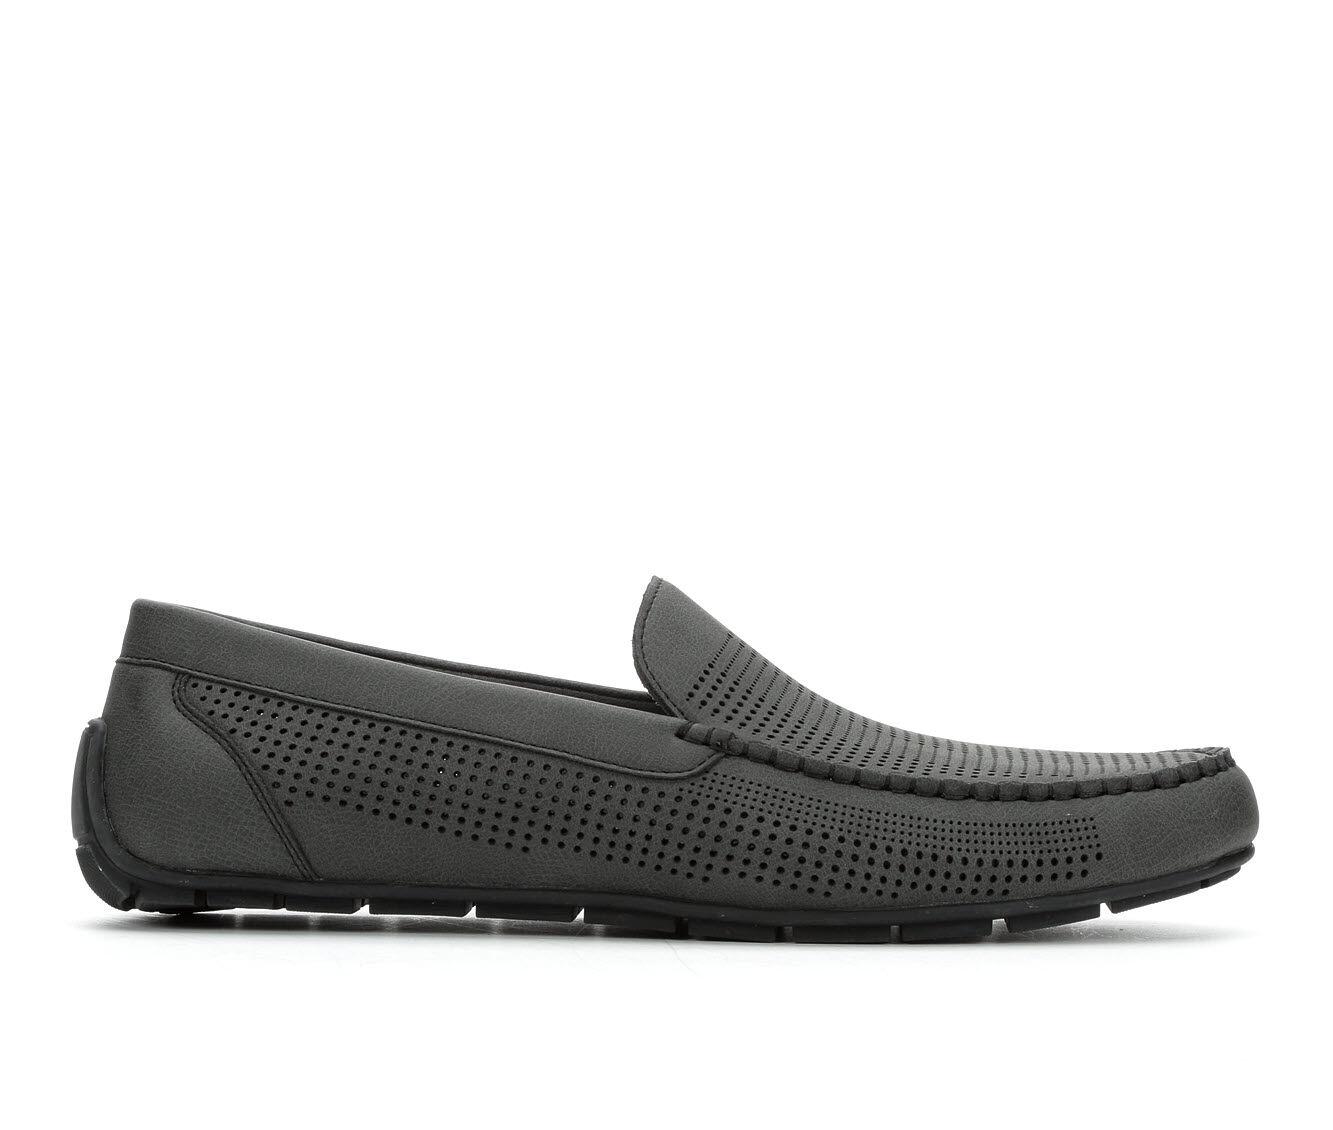 buy new series Men's Madden Montz Loafers Black